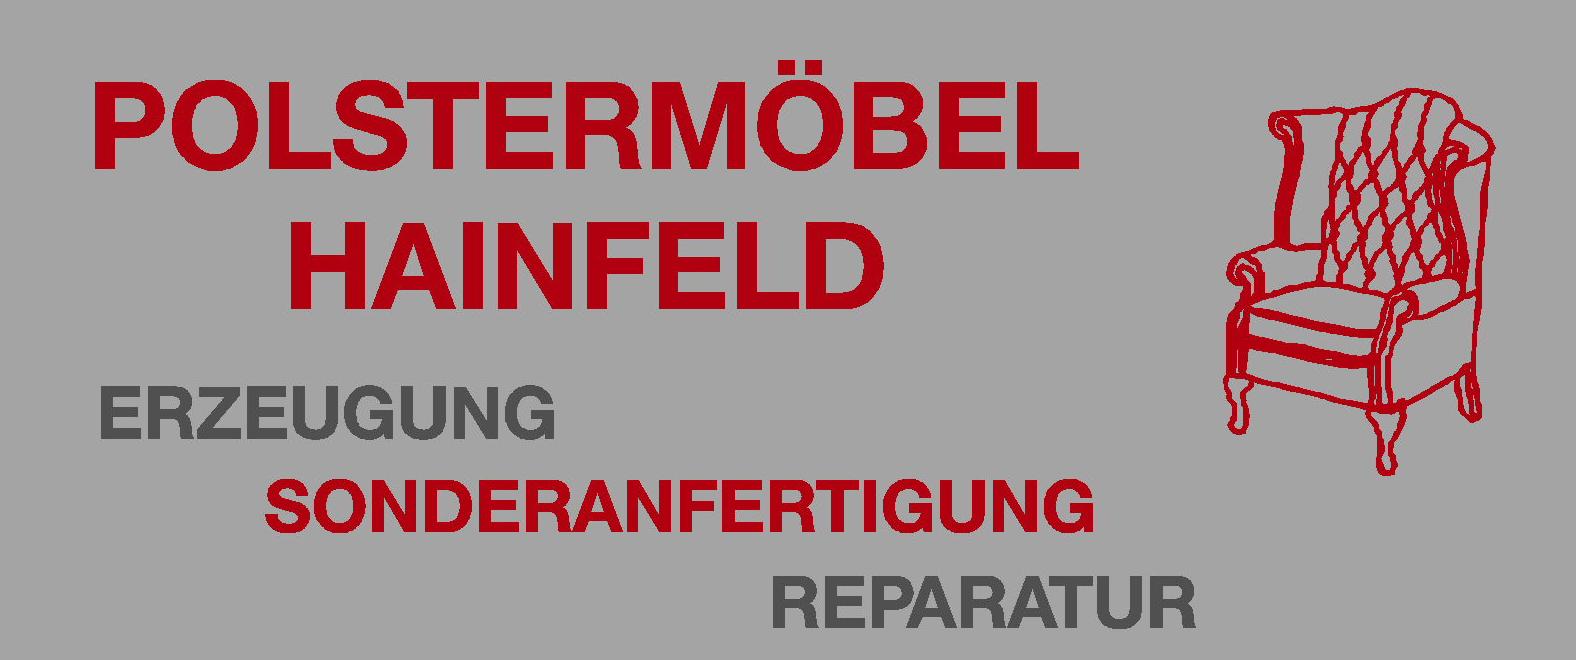 Start (Polstermöbel Hainfeld)